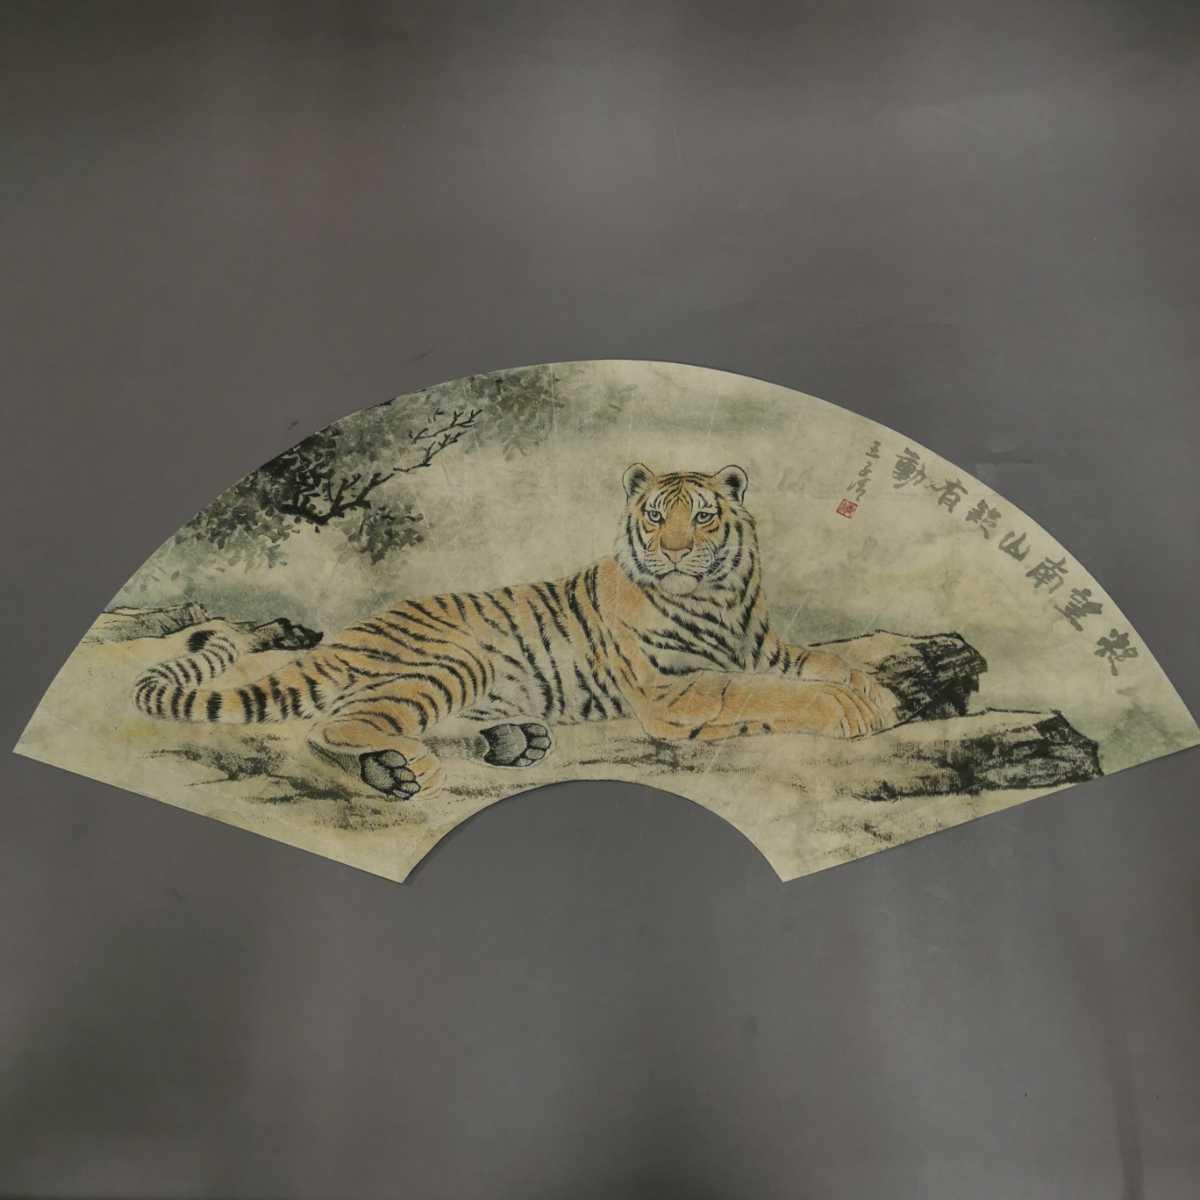 中国美術 扇面 掛軸 虎図 紙本 肉筆保証 掛け軸 時代物 在銘 中国古美術 唐物000307_画像1